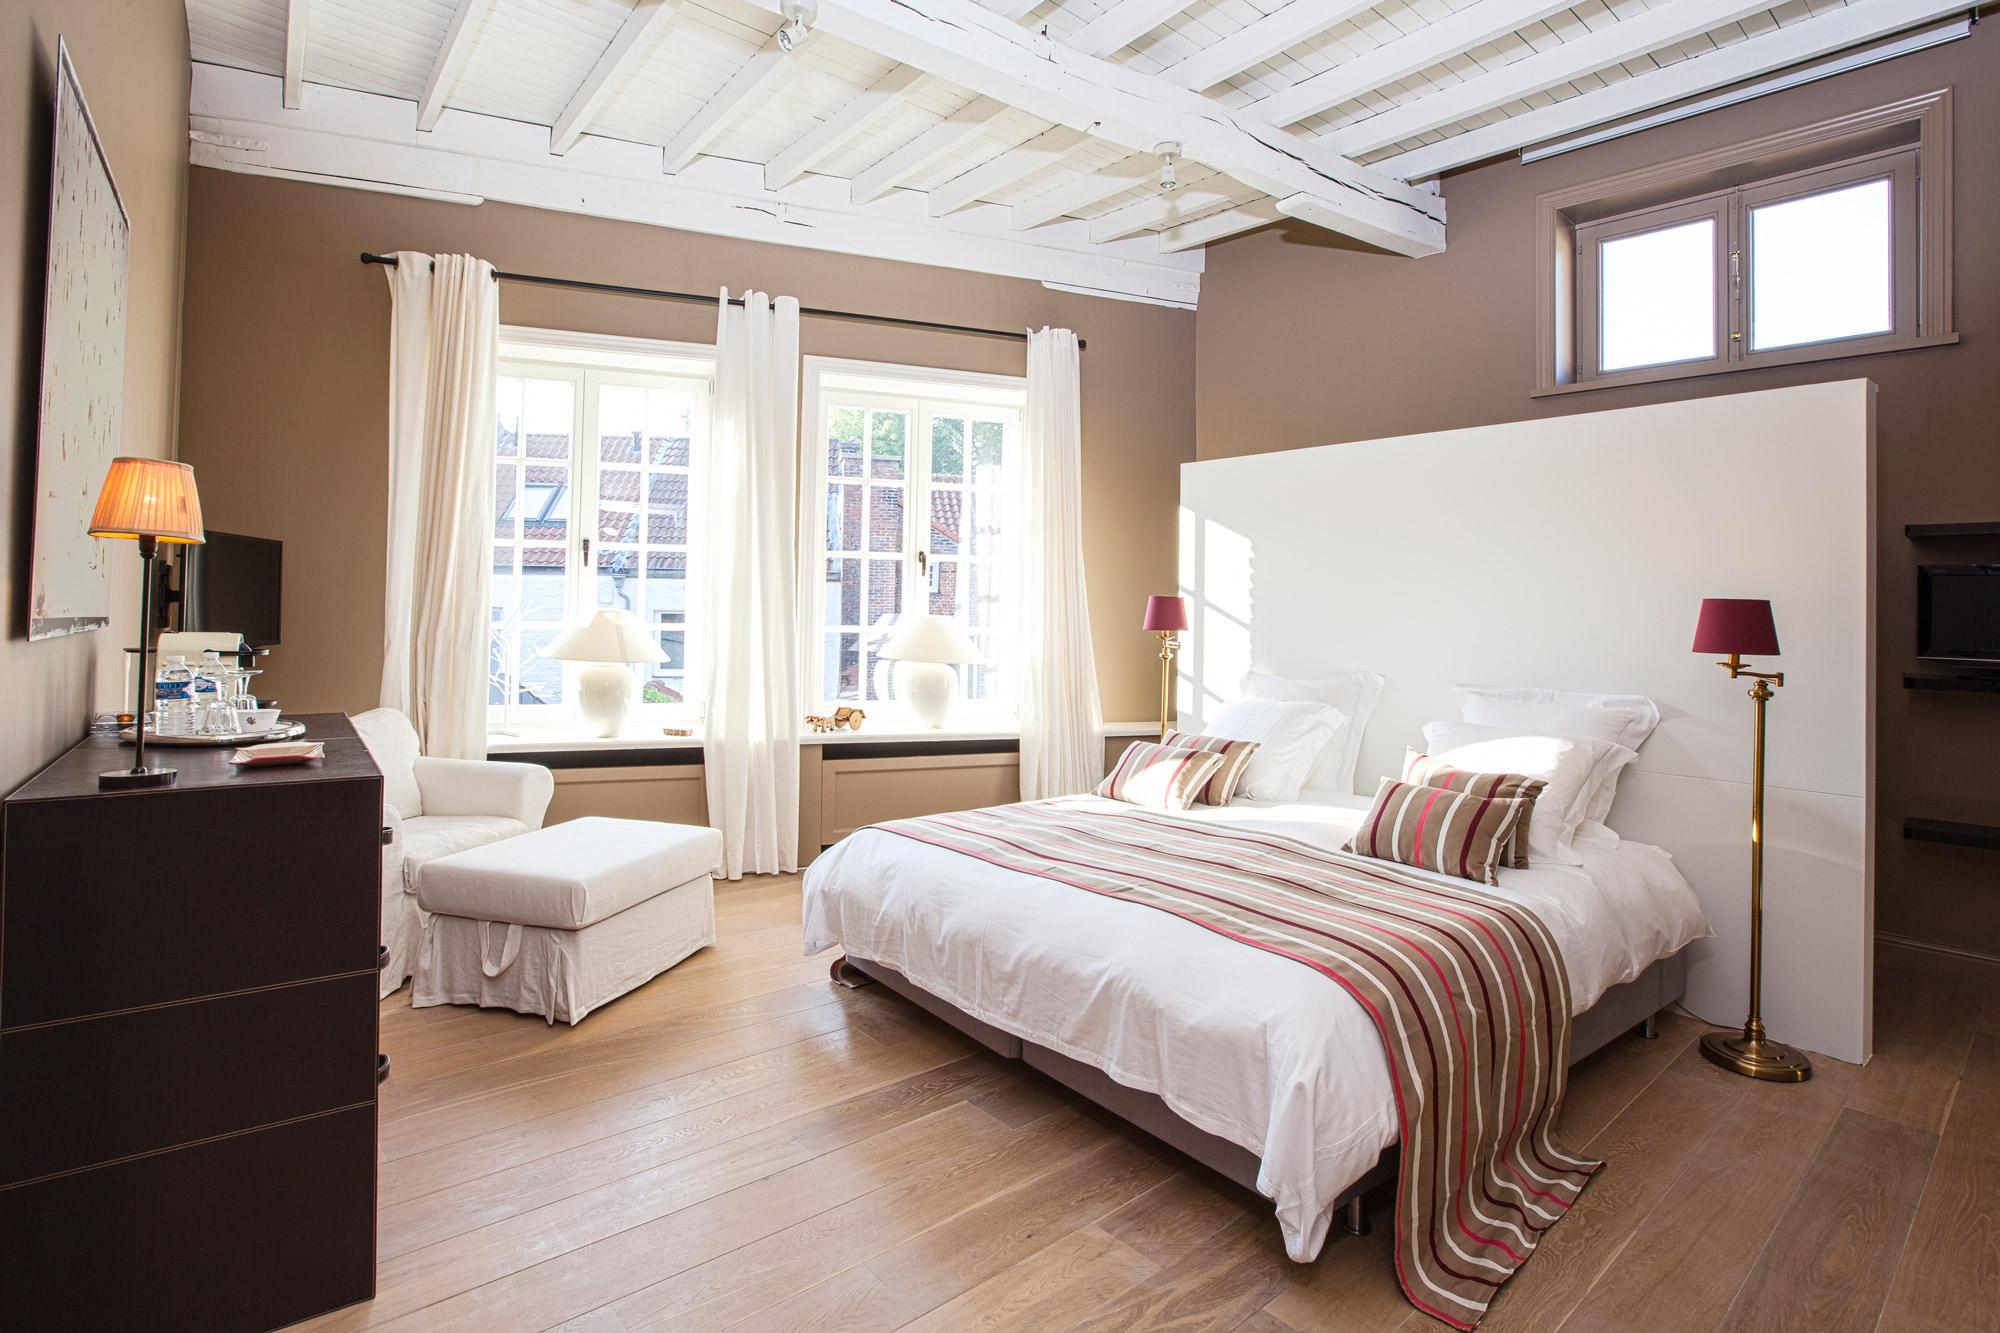 Maison Amodio is een stijlvol ingericht bed and breakfast in het centrum van Brugge waar u heerlijk kunt overnachten. Dit is de Biarritz-kamer.